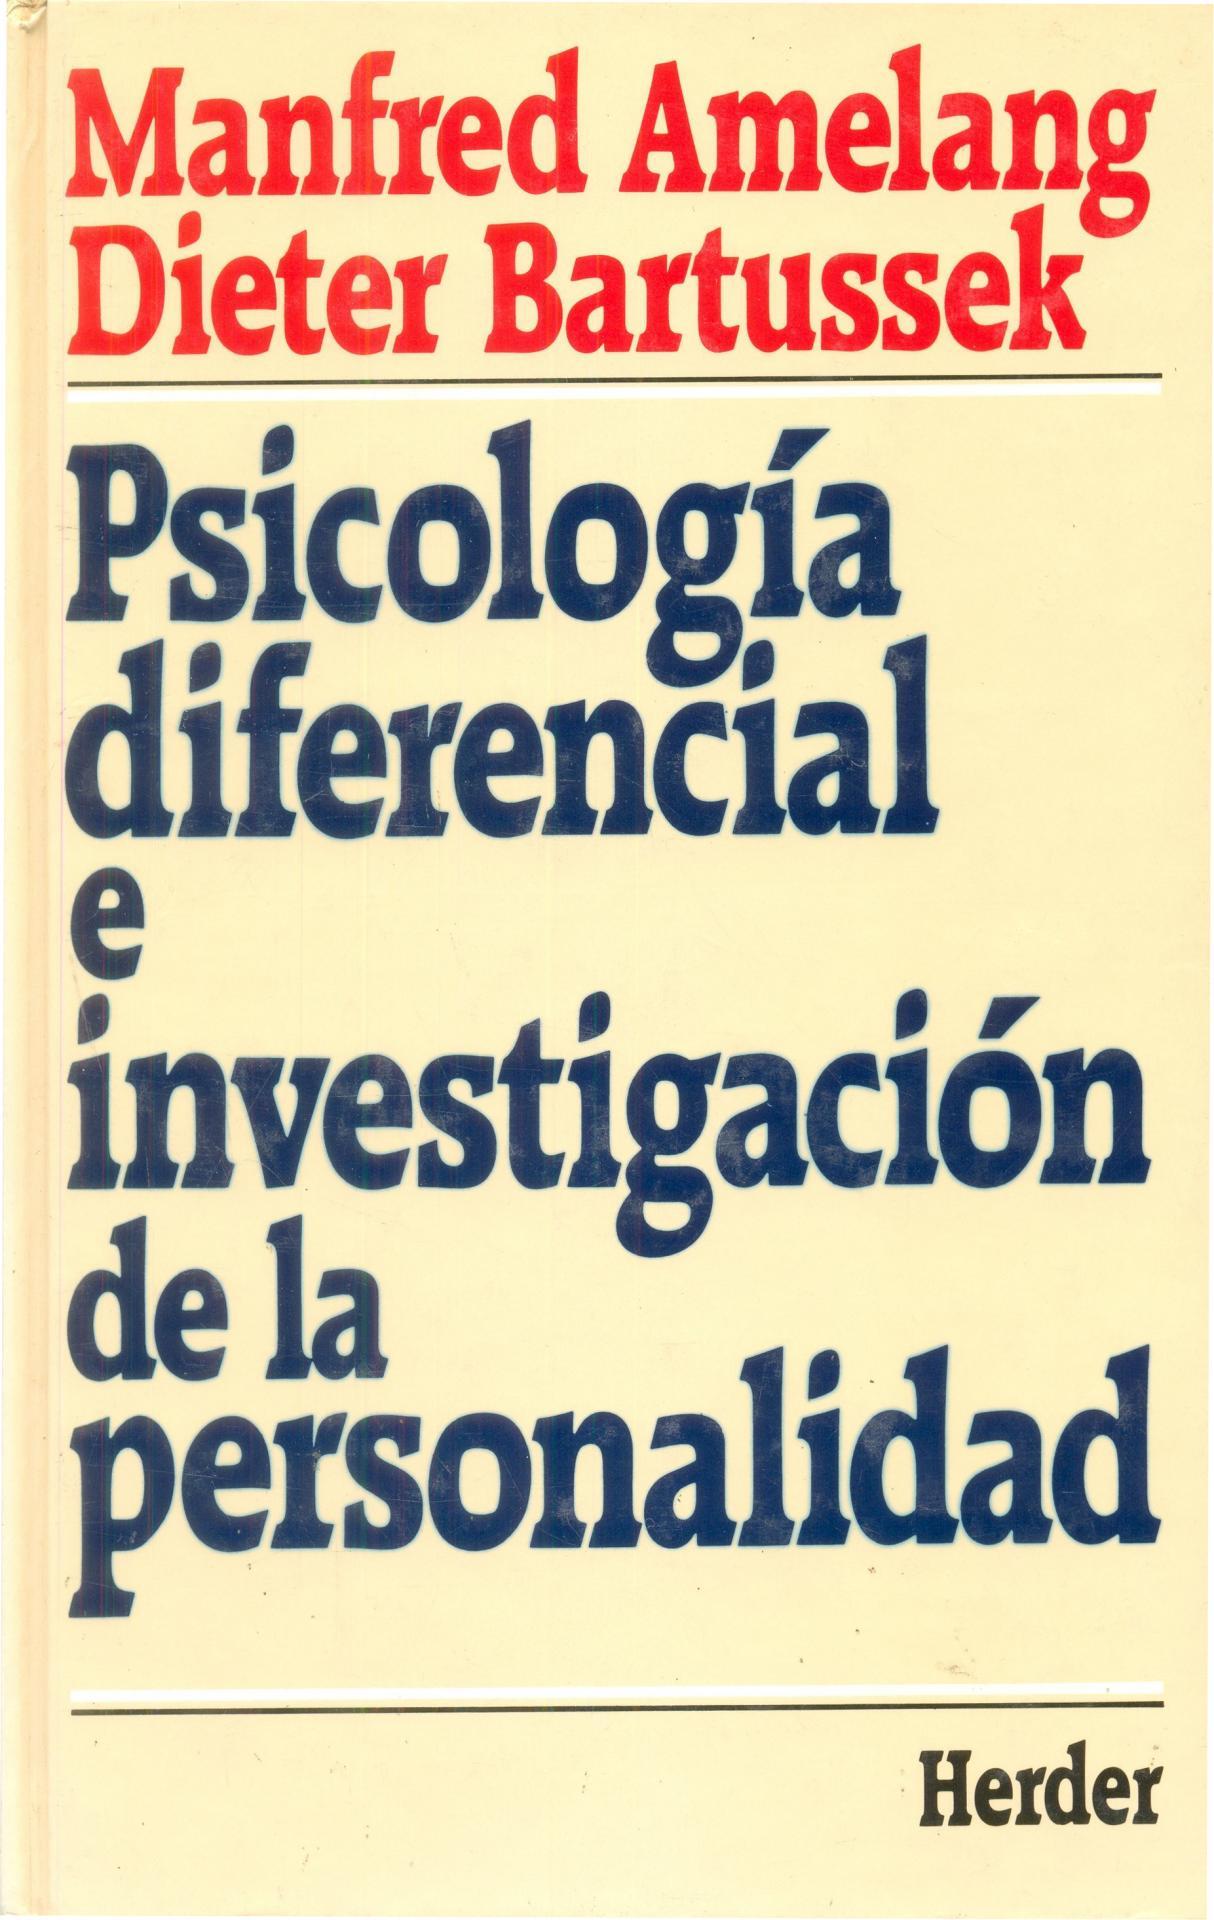 PSICOLOGÍA DIFERENCIAL E INVESTIGACIÓN DE LA PERSONALIDAD. Amelang, M; Bartussek, D.